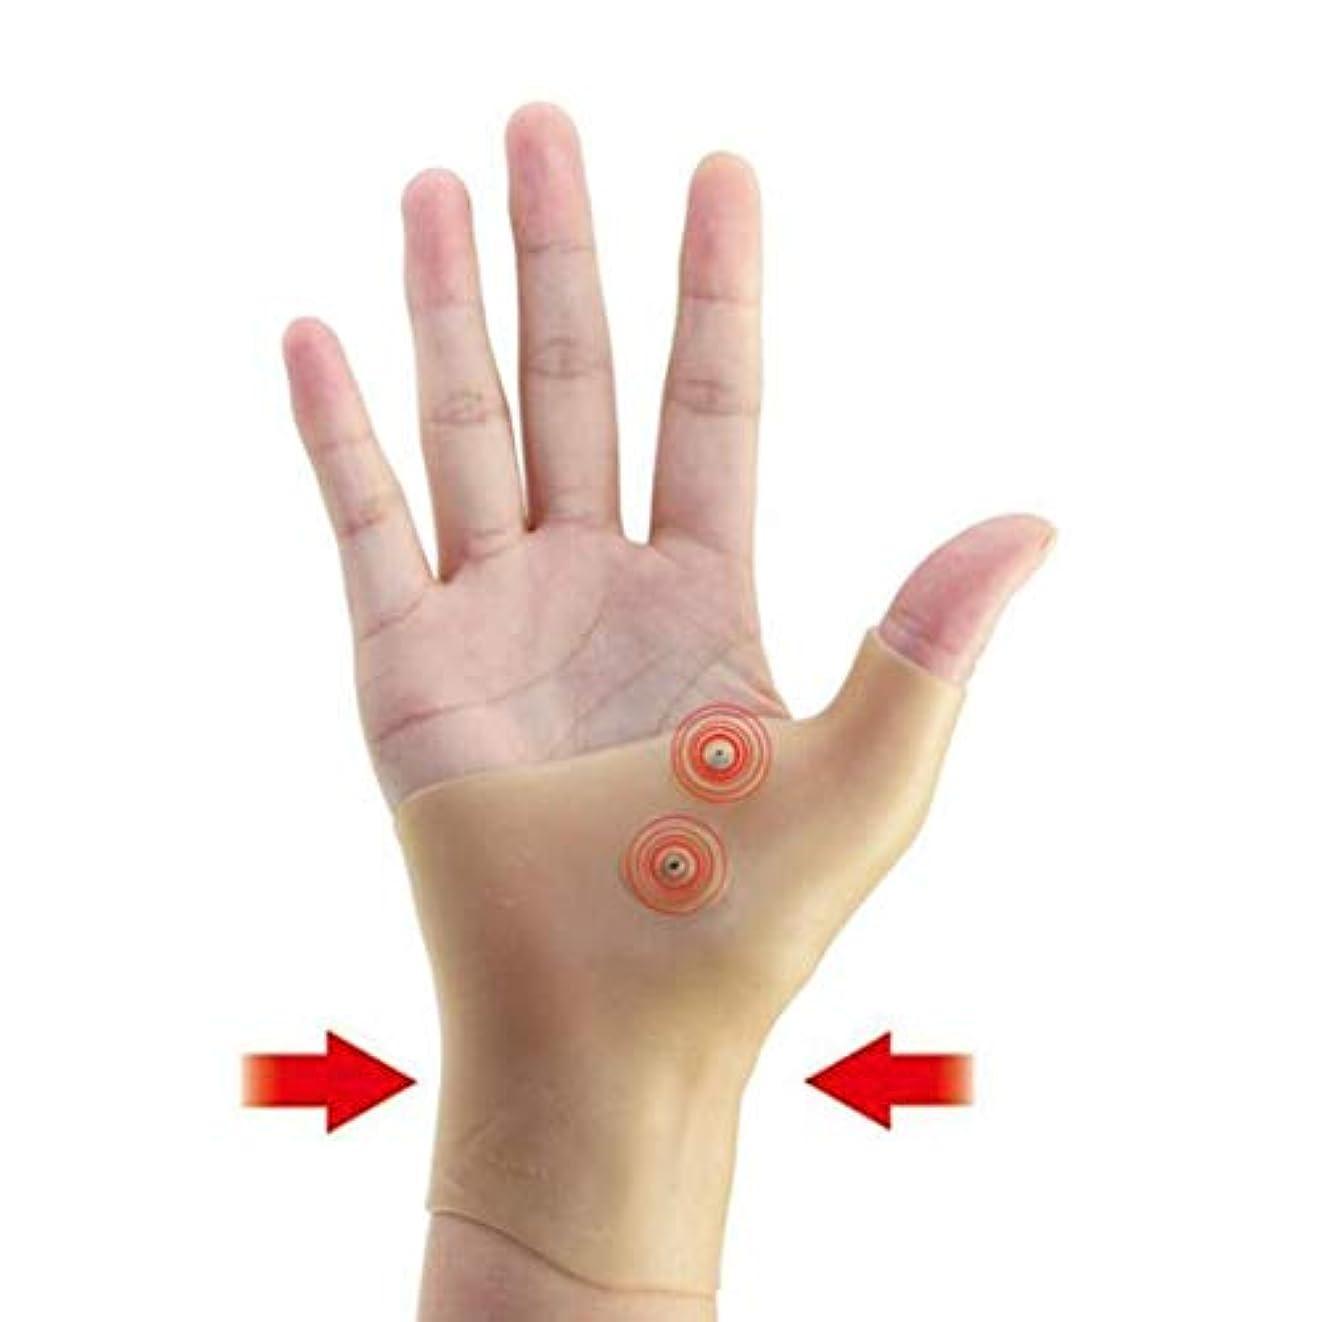 肉の薄い洗剤磁気療法手首手親指サポート手袋シリコーンゲル関節炎圧力矯正器マッサージ痛み緩和手袋 - 肌の色